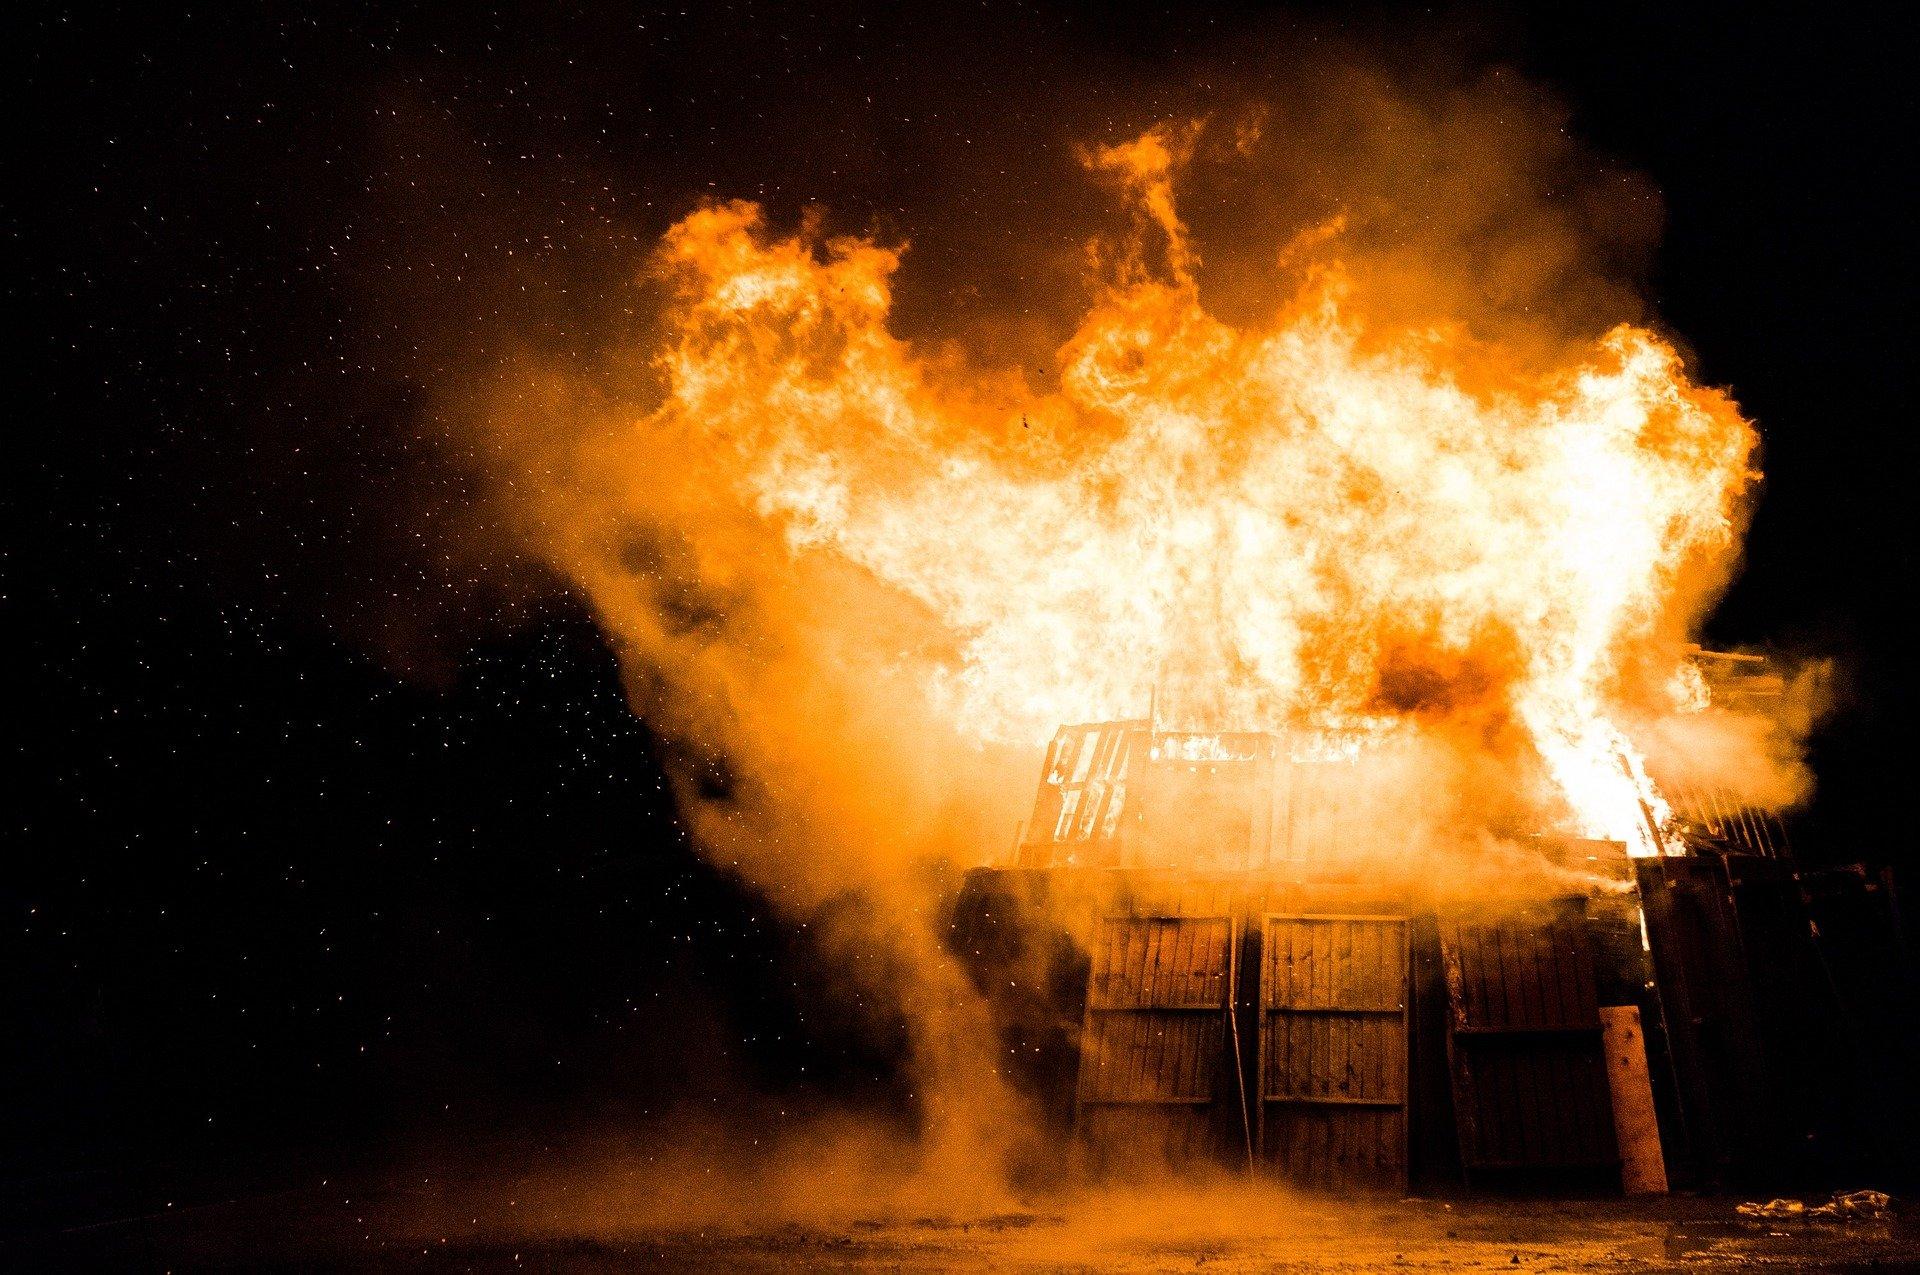 Incendie 1030751 1920